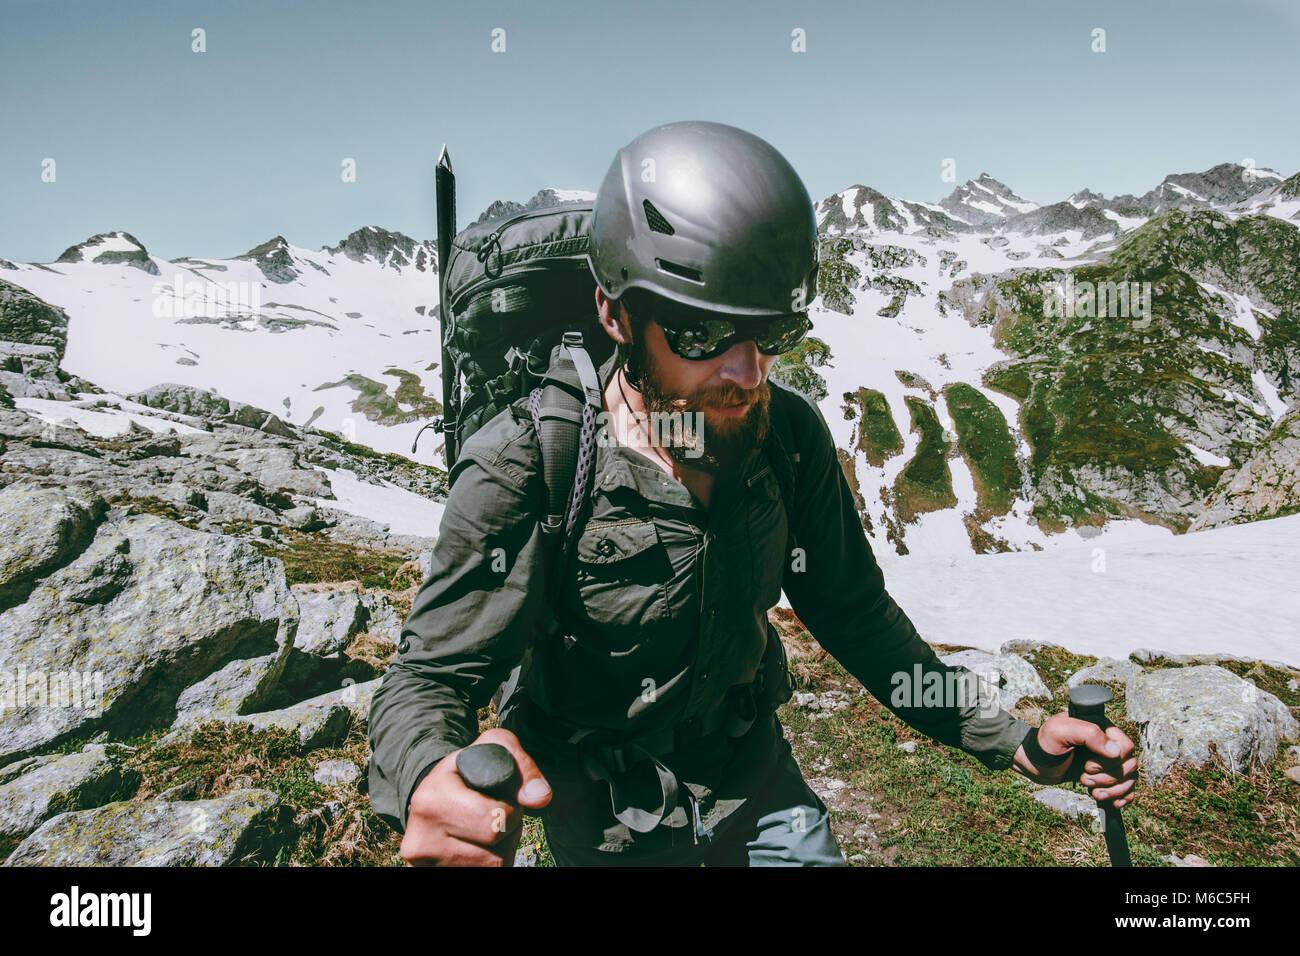 Sac à dos homme aventurier avec escalade des montagnes lors de voyages aventure concept de vie survie outdoor Photo Stock